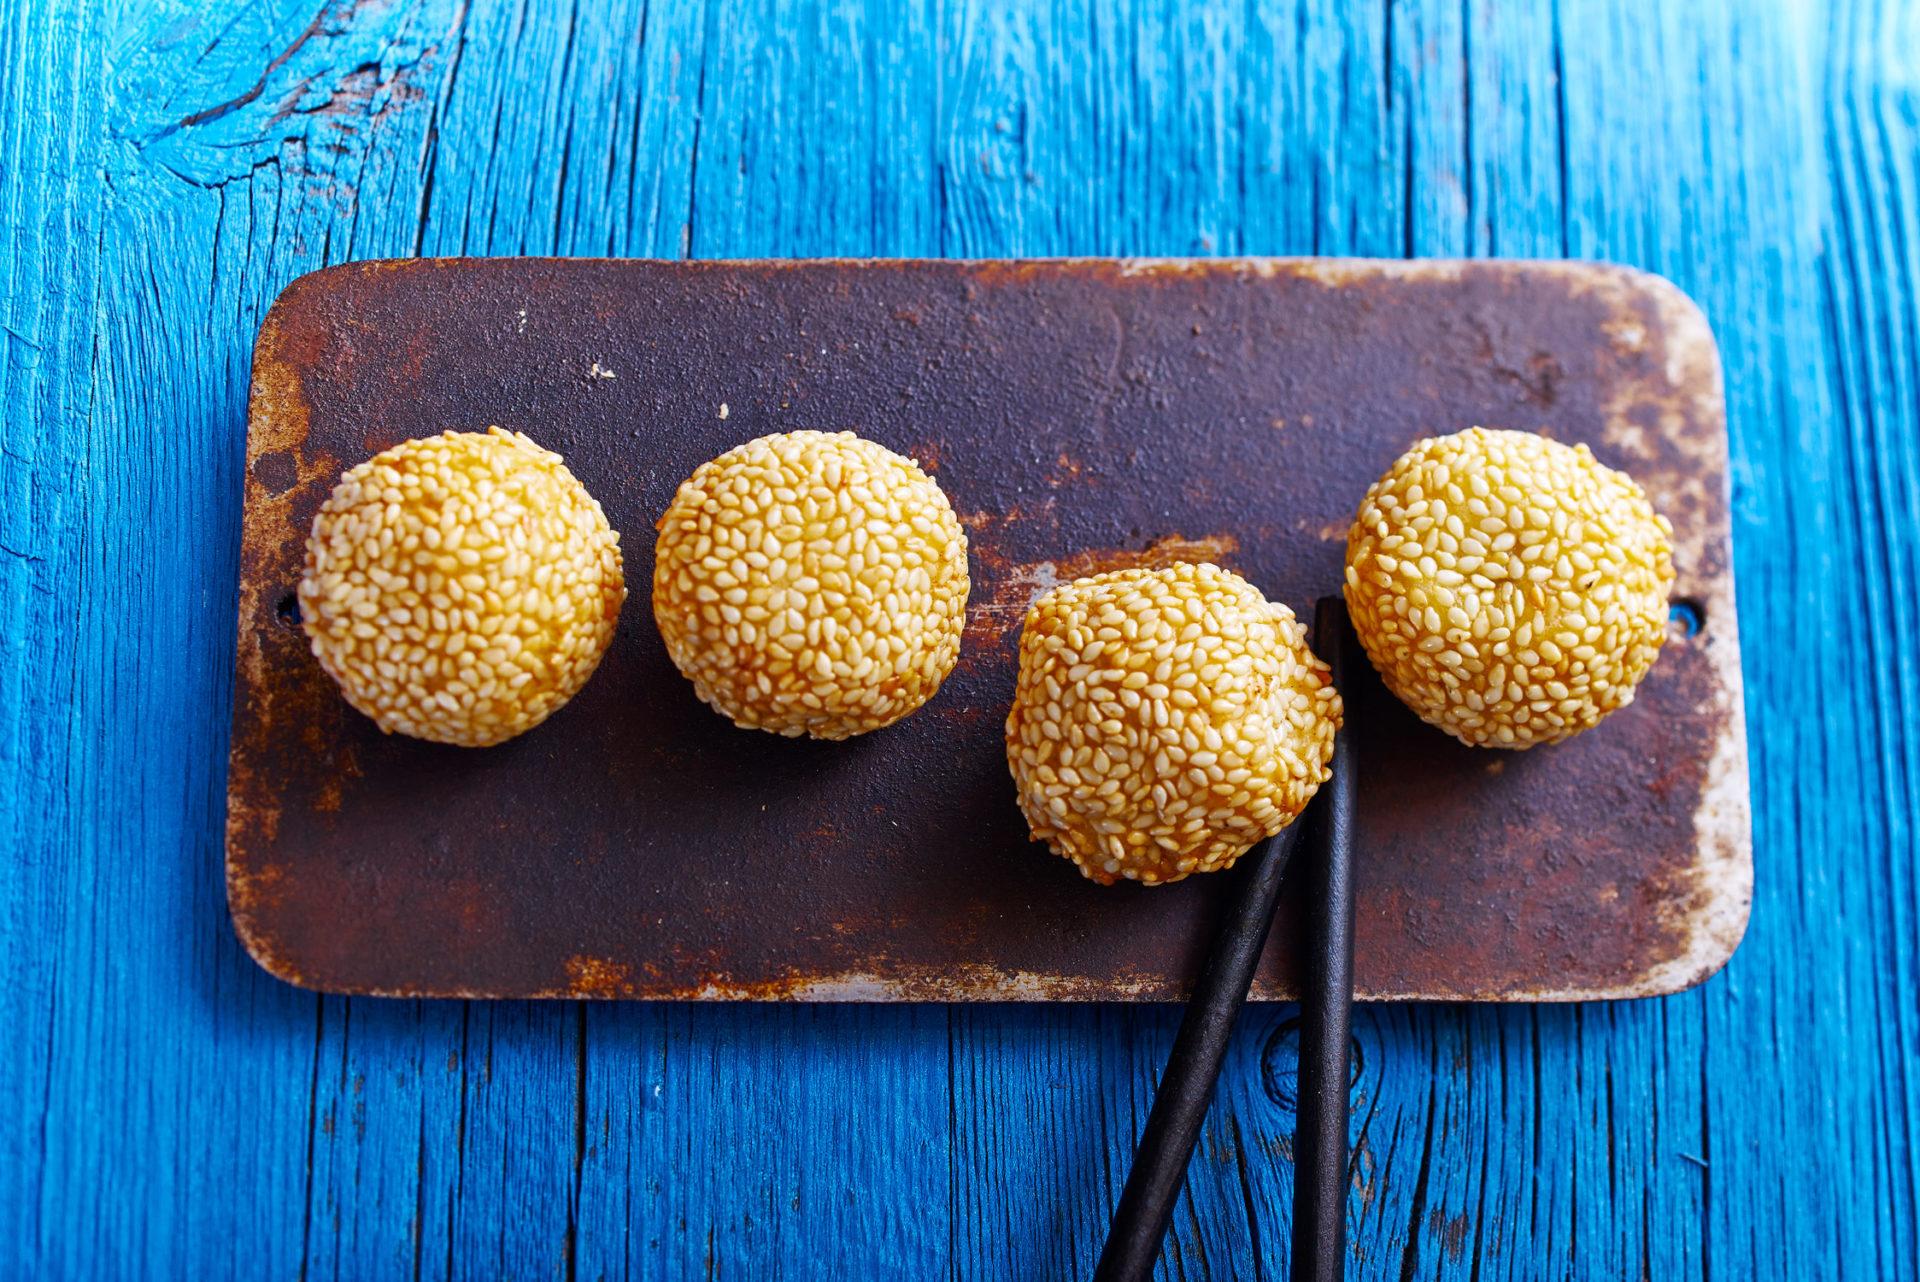 Sesambällchen - Klebreismehl mit Sesam, mit rotem Bohnenmus gefüllt